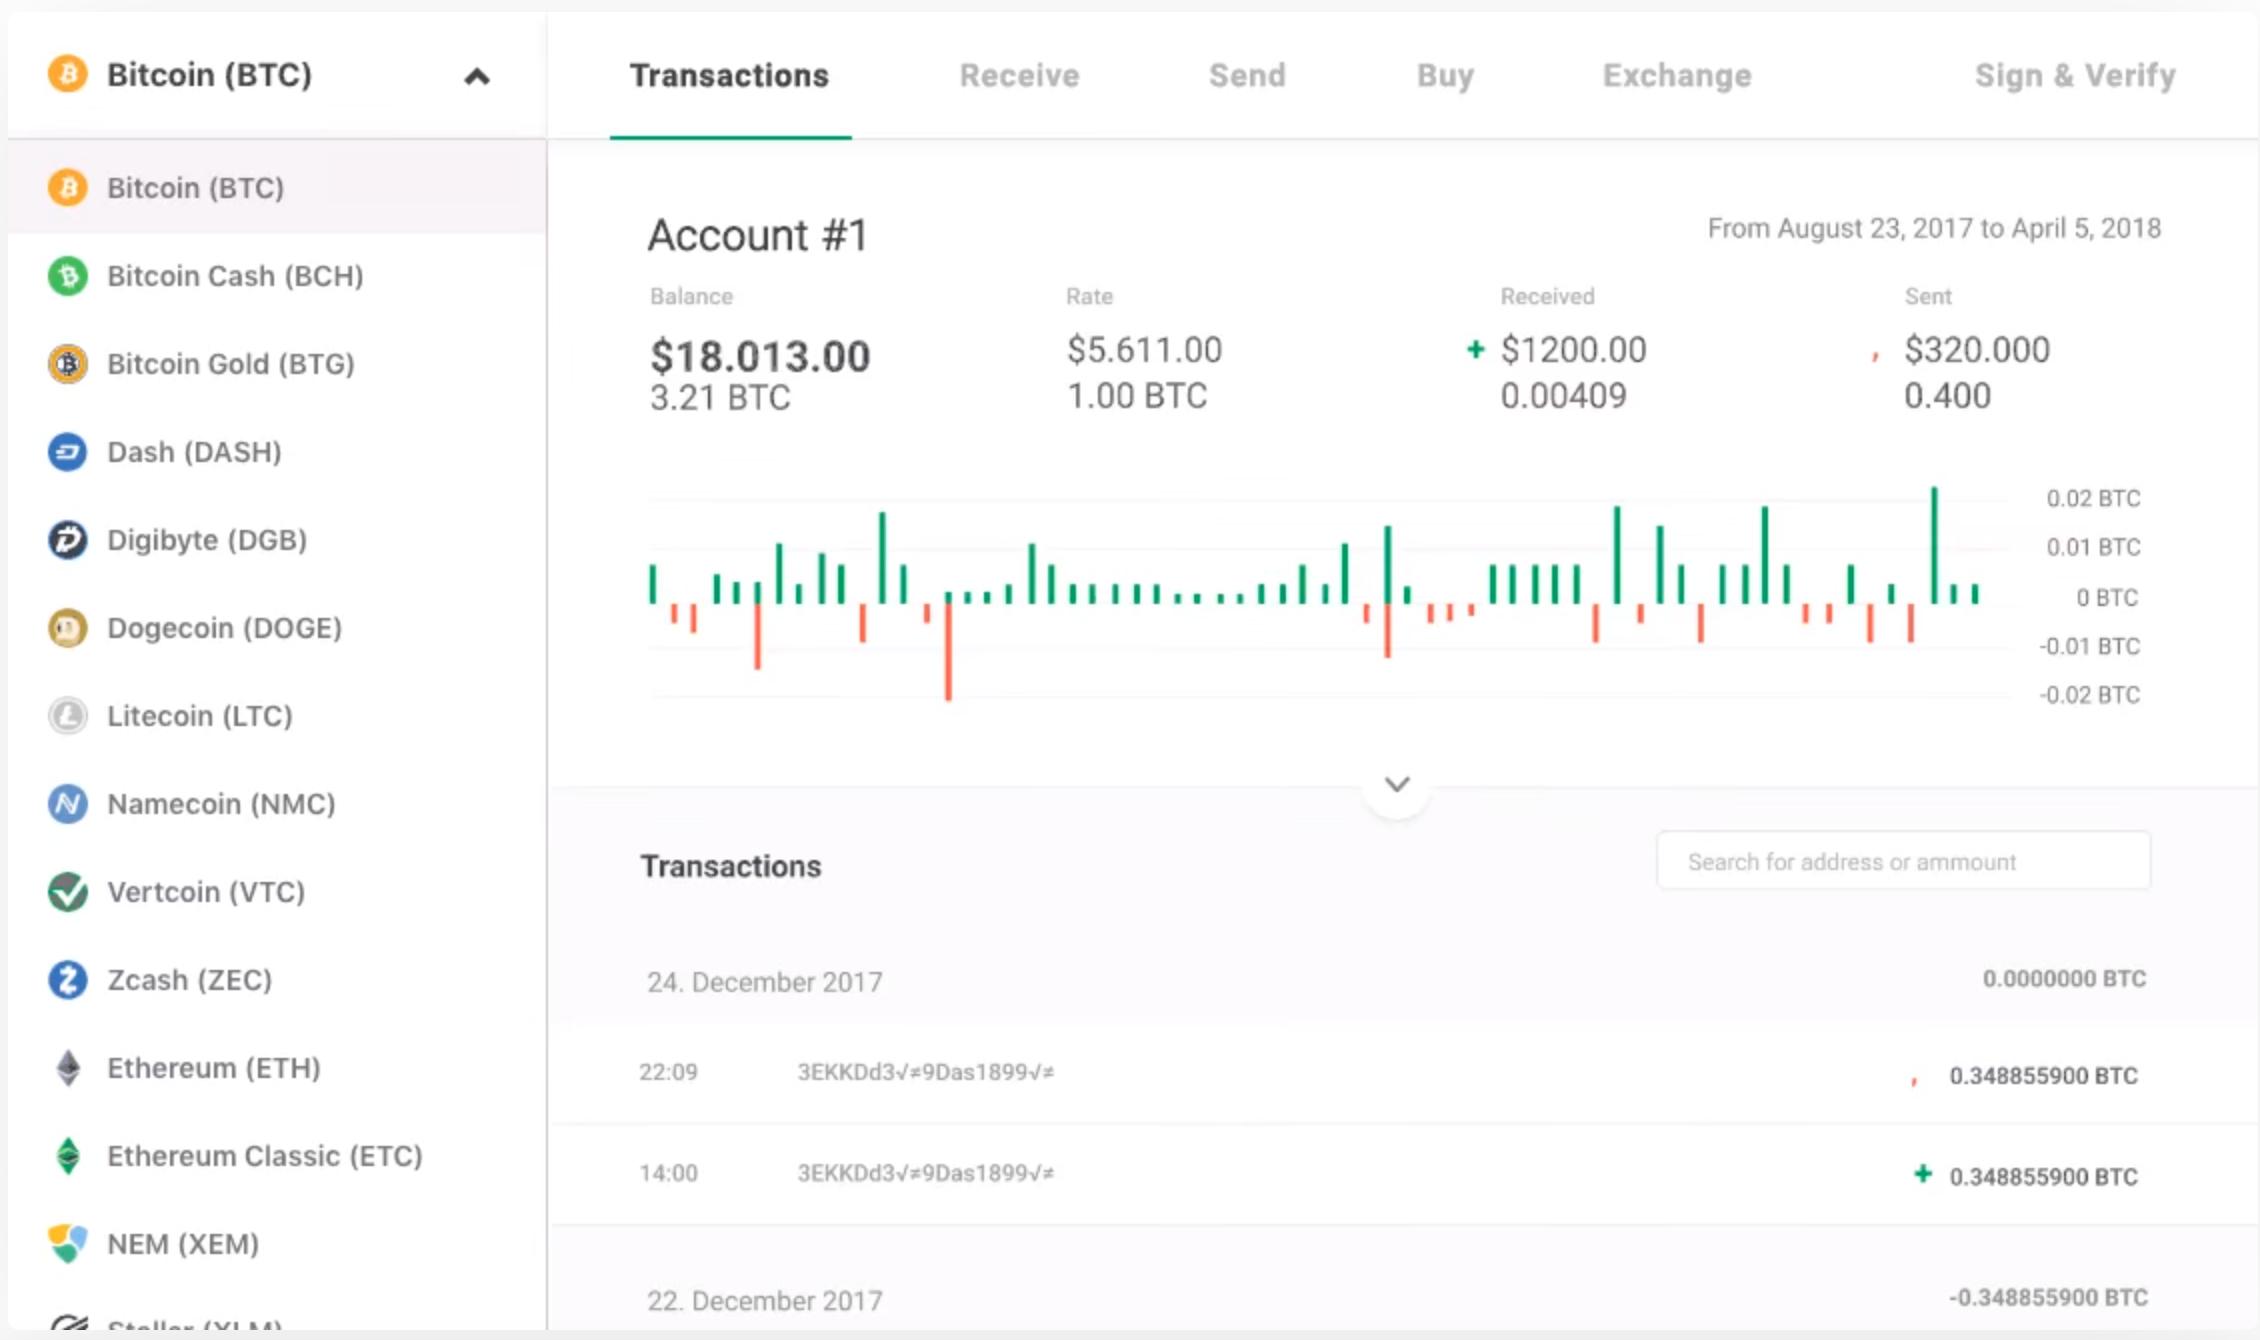 Trezor Wallet overview